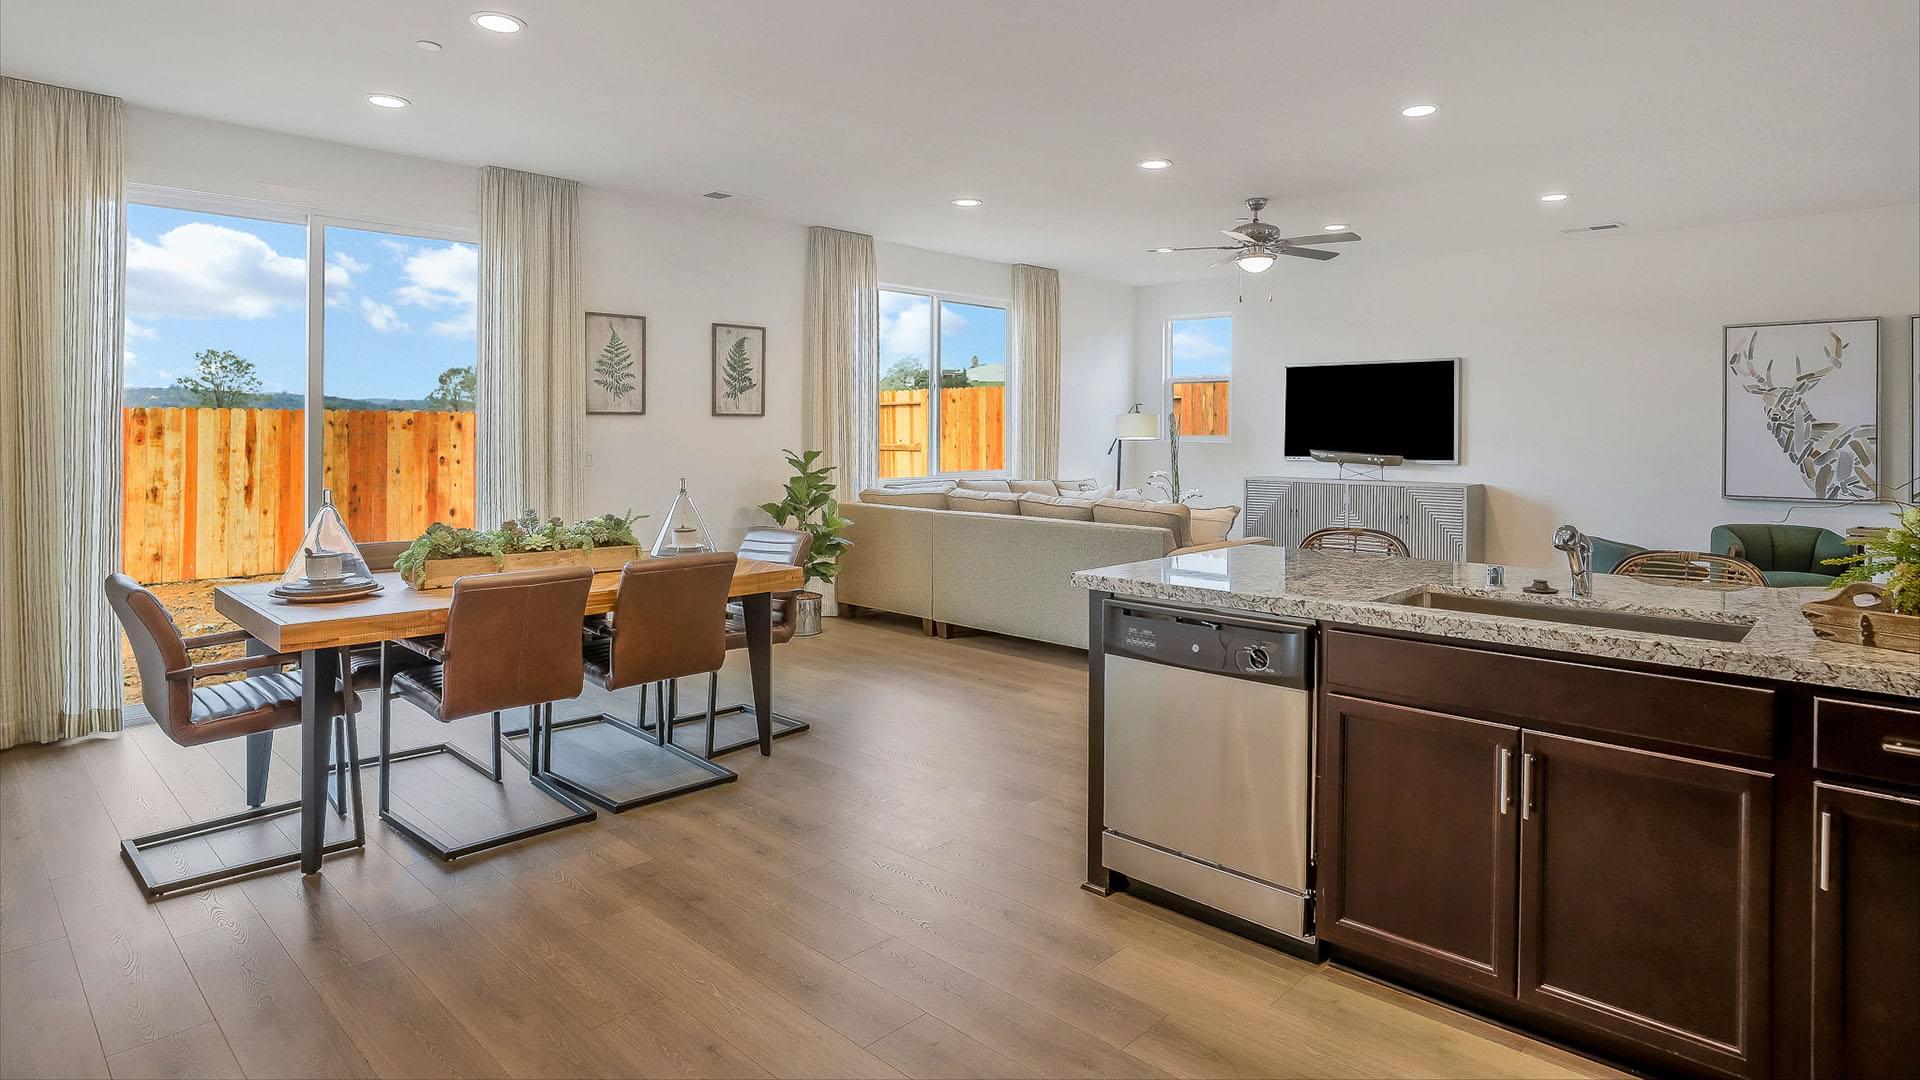 Residence 3 Alt Kitchen & Family Dining